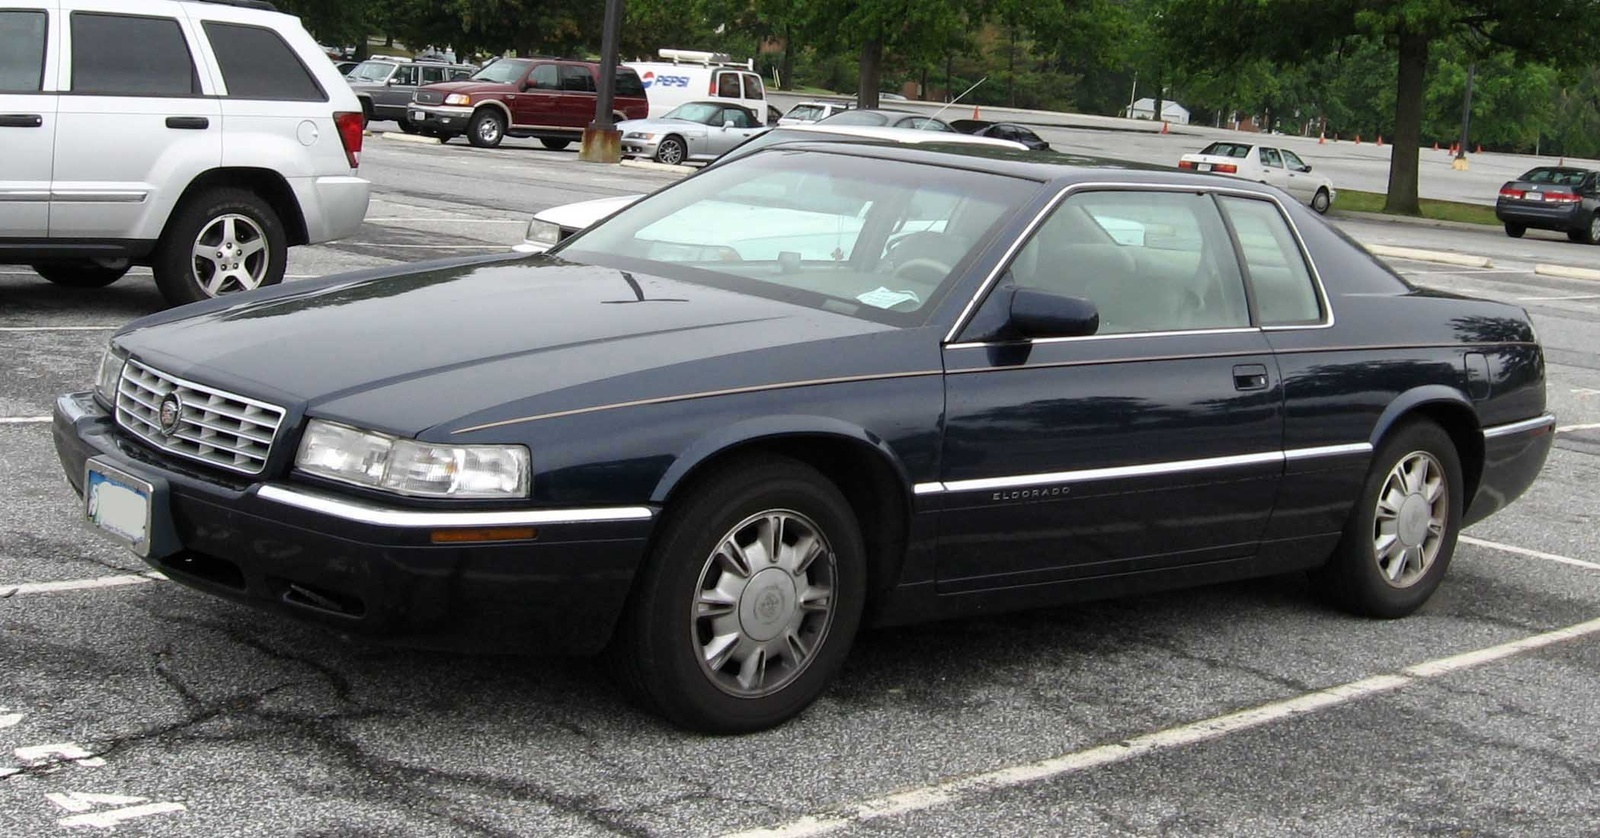 2000 Cadillac Eldorado - Overview - CarGurus